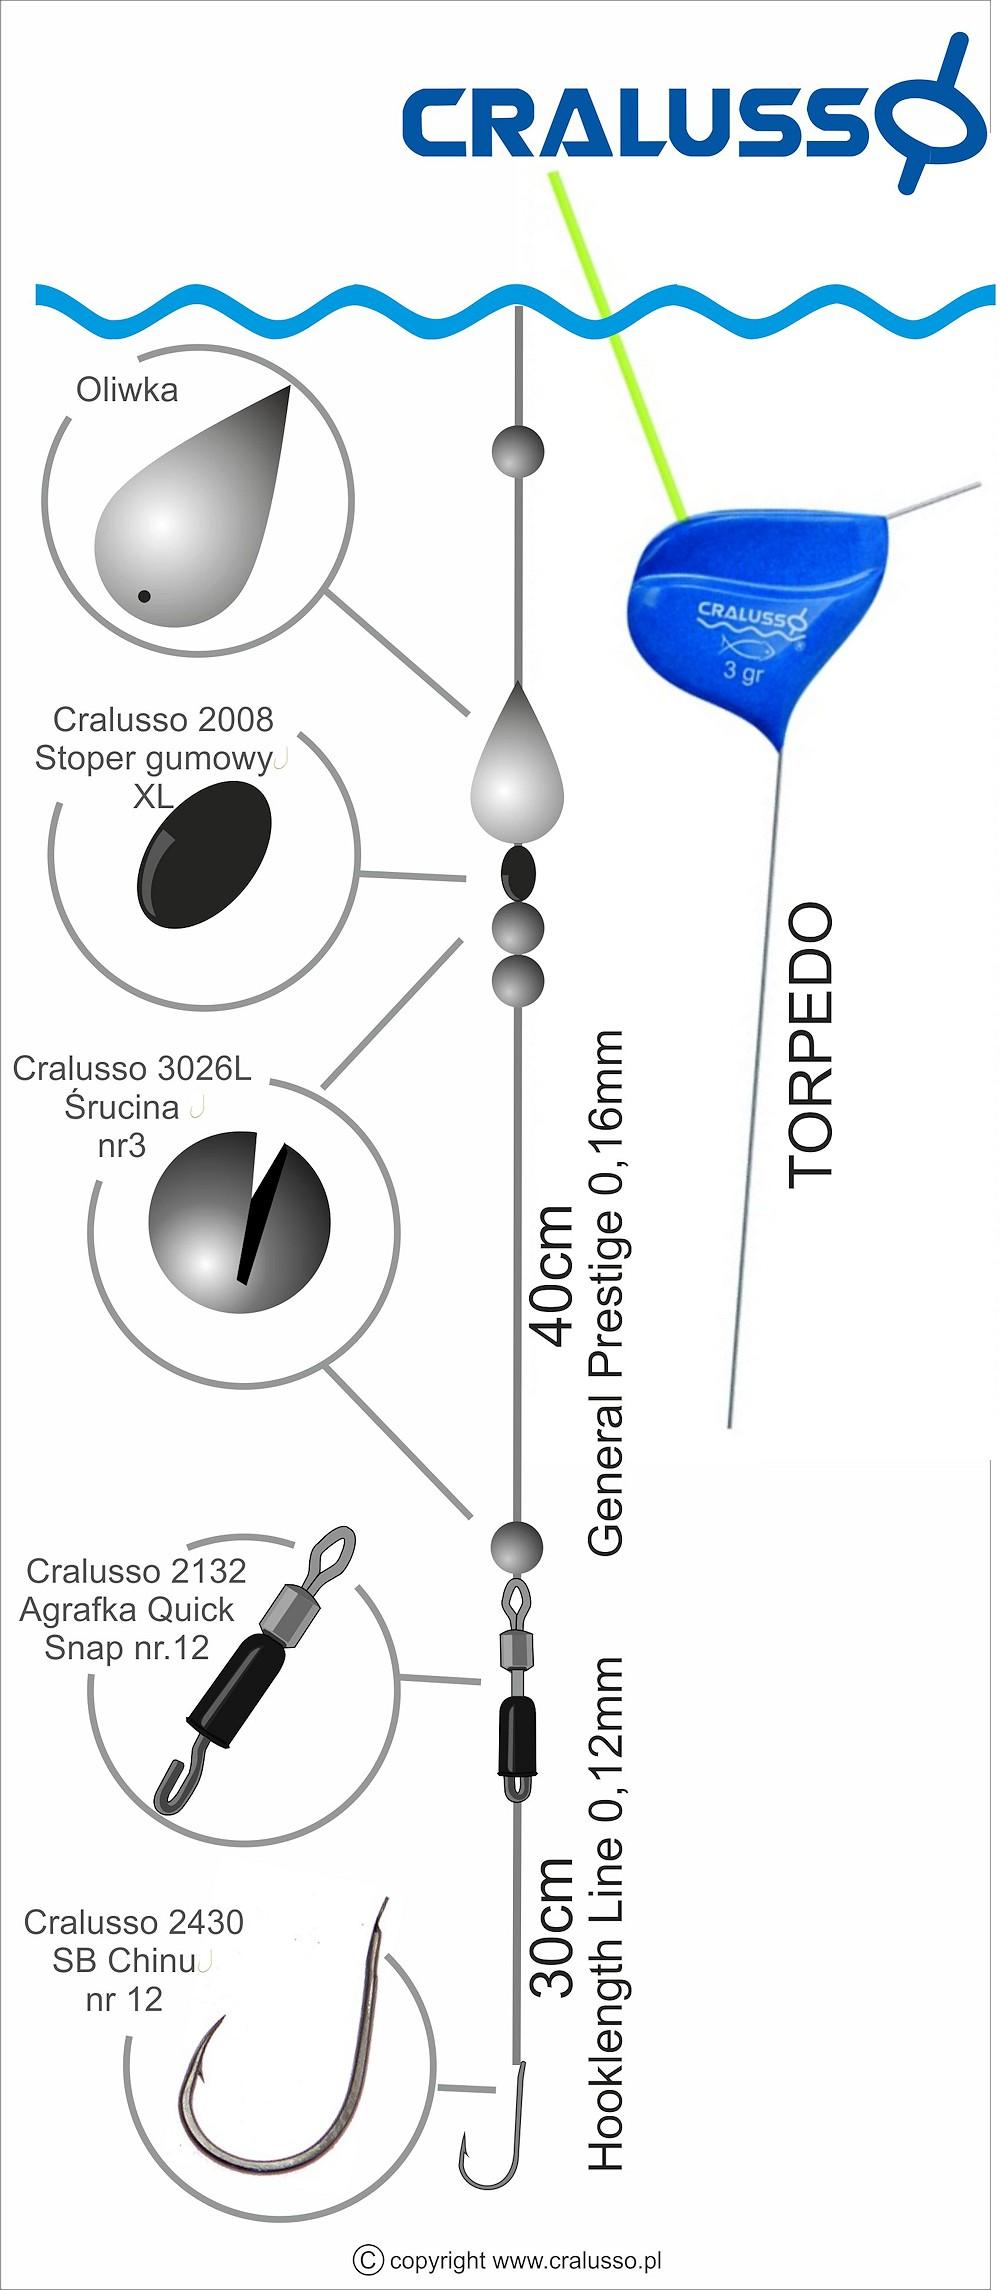 Cralusso Torpedo